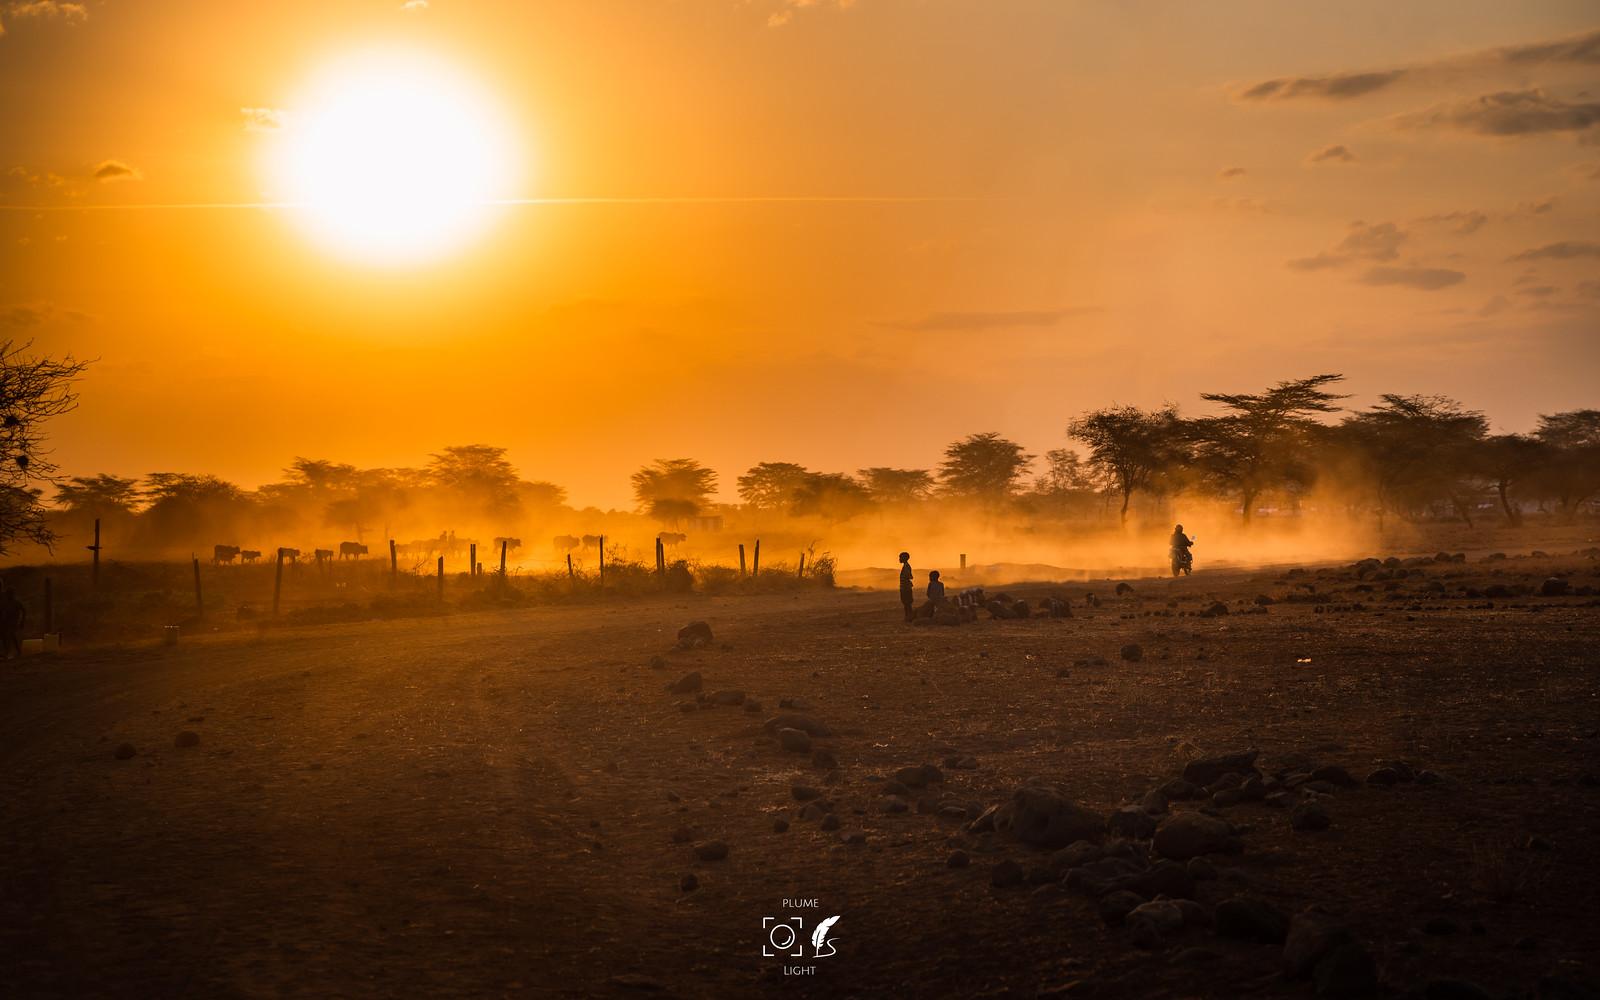 非洲映像│On the way to Amuboseli│Kenya